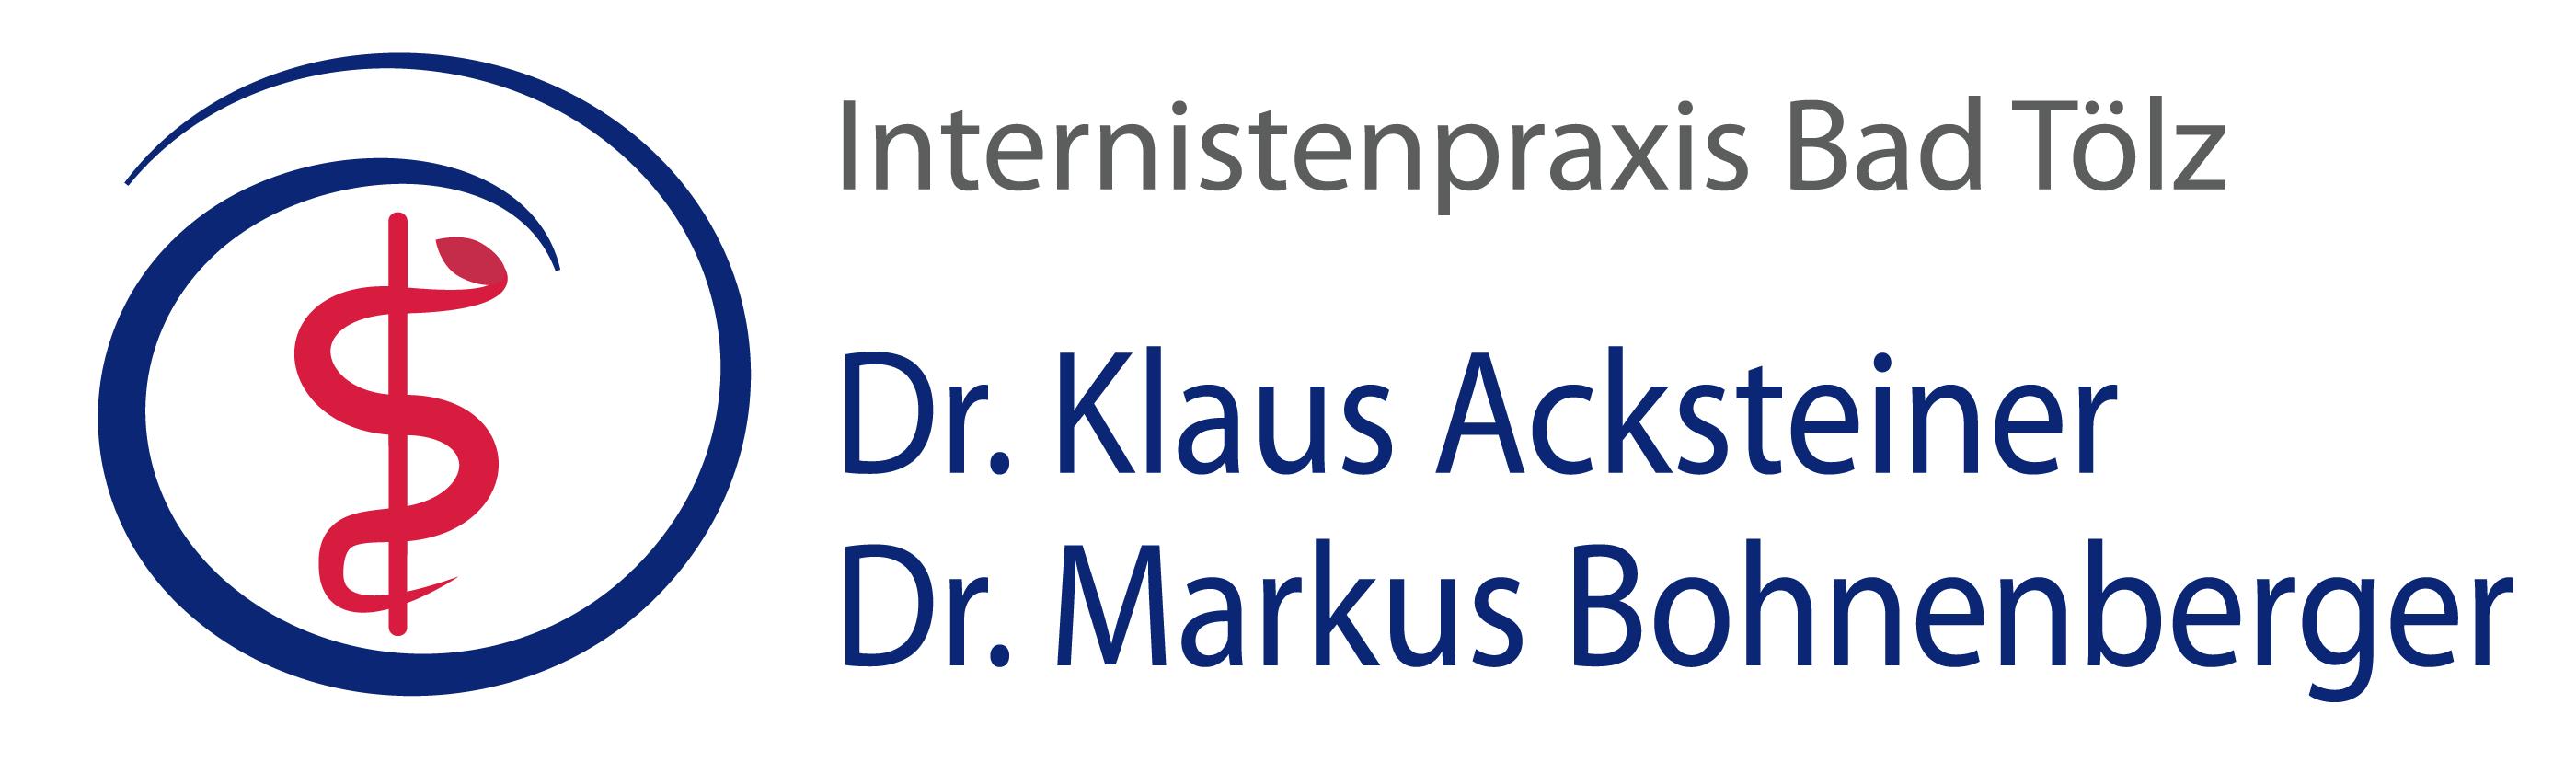 Internisten Dr. Klaus Acksteiner & Dr. Frank Dorfmeister